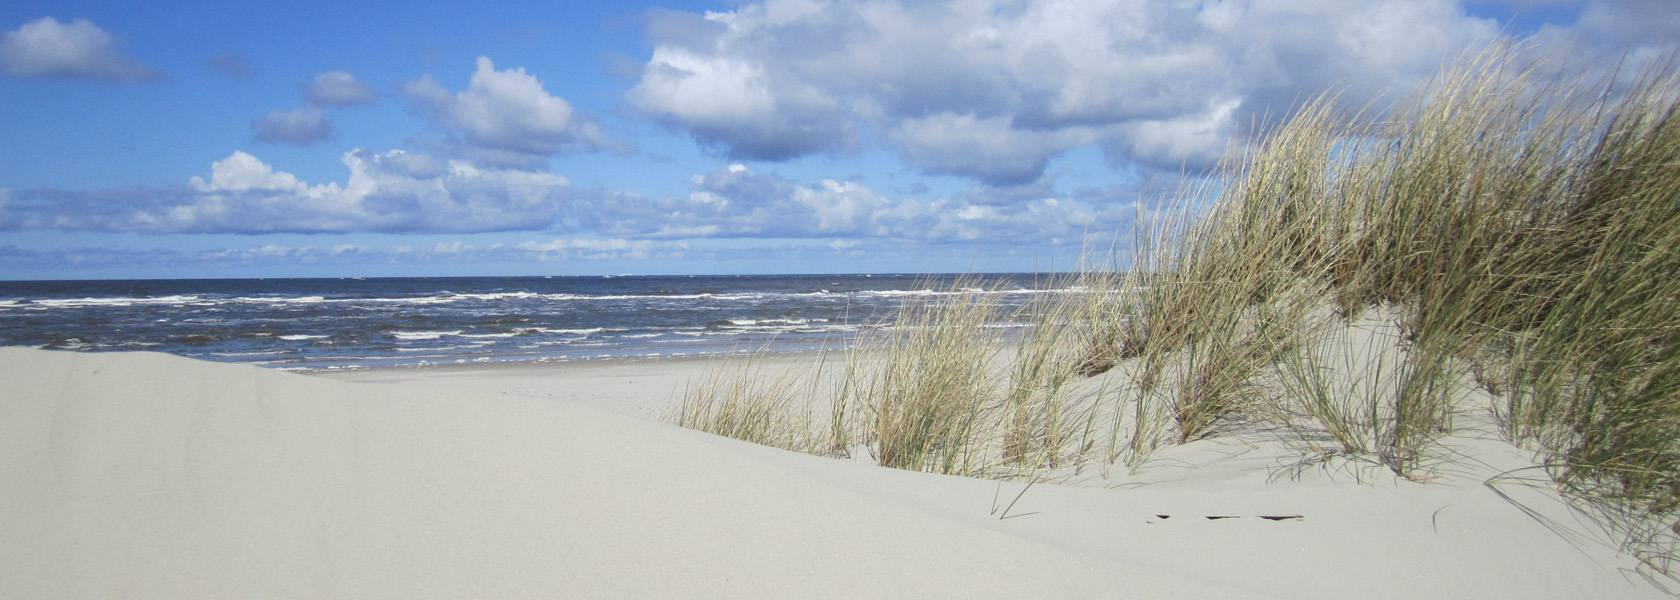 Strand auf Baltrum, © Die Nordsee Gmbh, Jantje Olchers